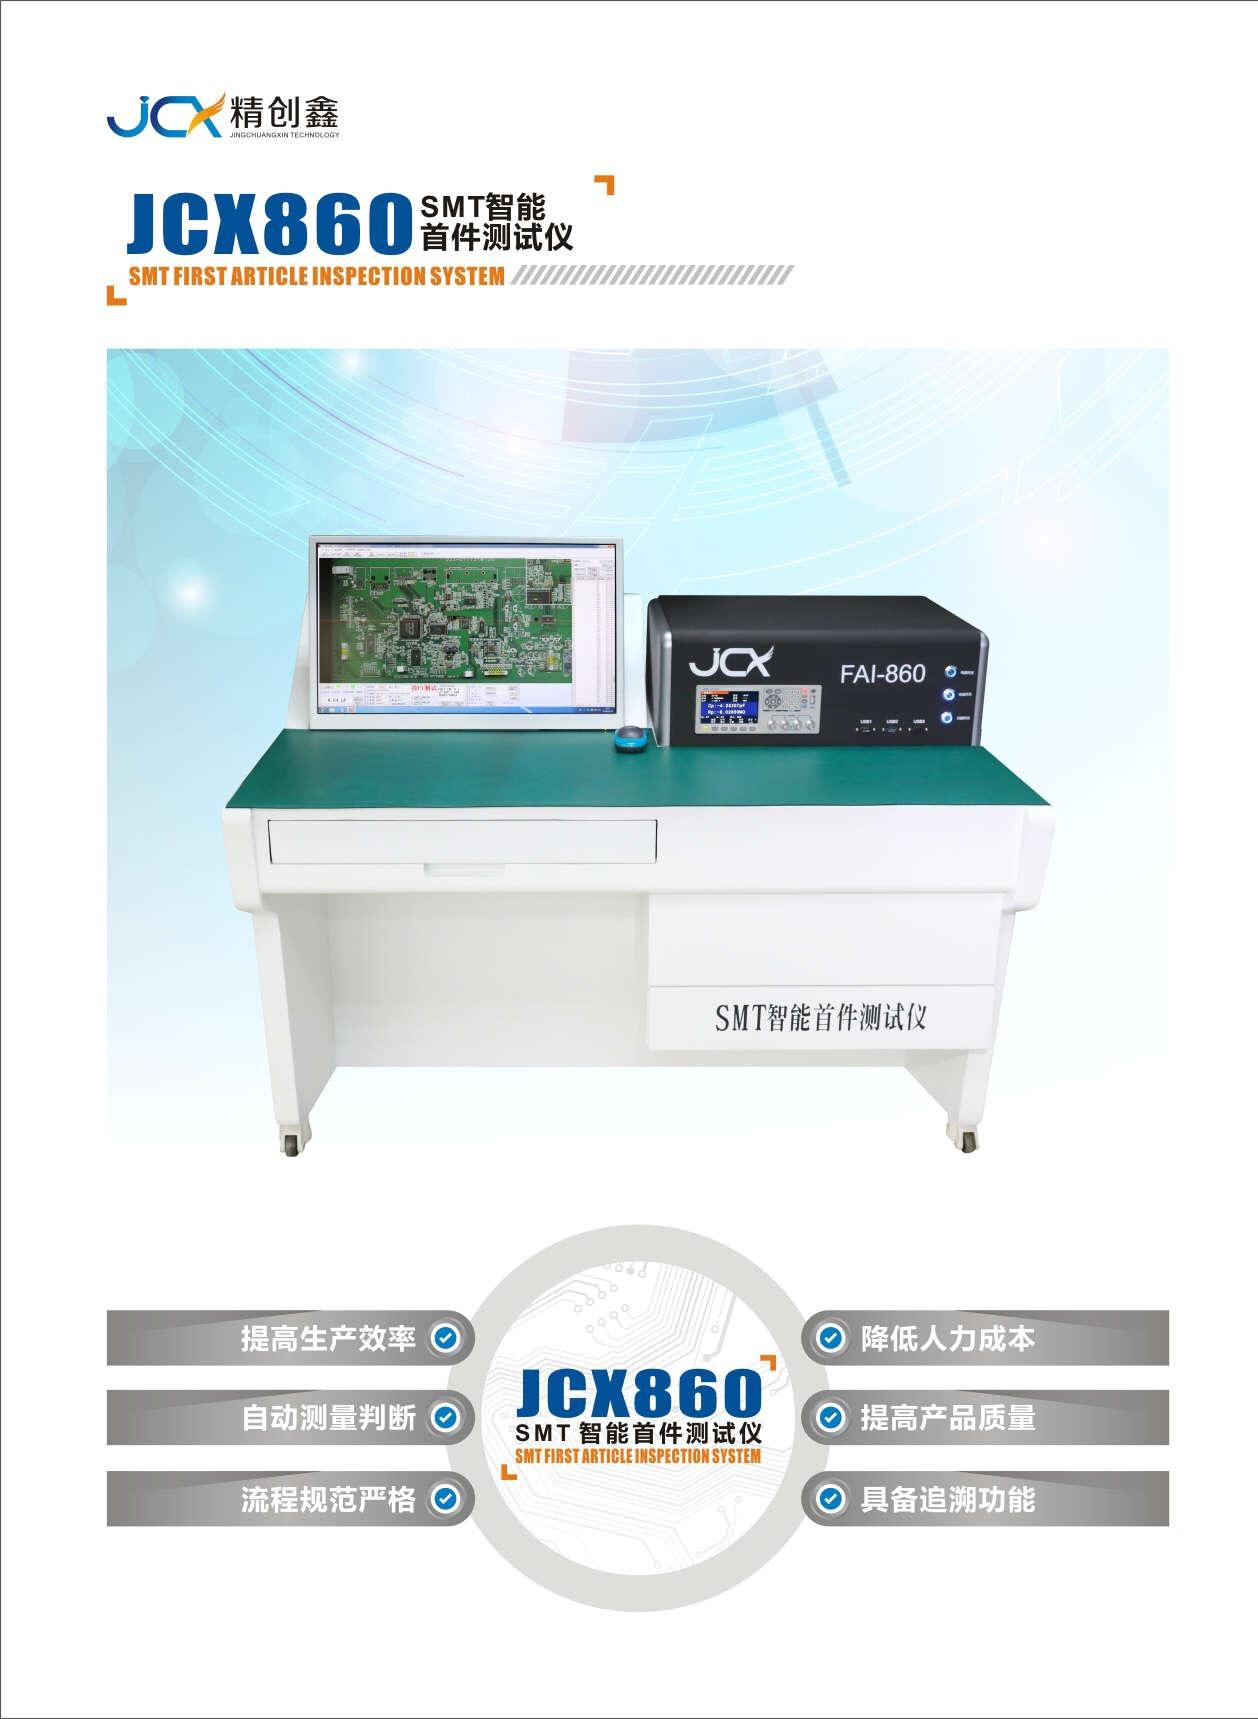 SMT首件测试仪给SMT工厂带来的价值